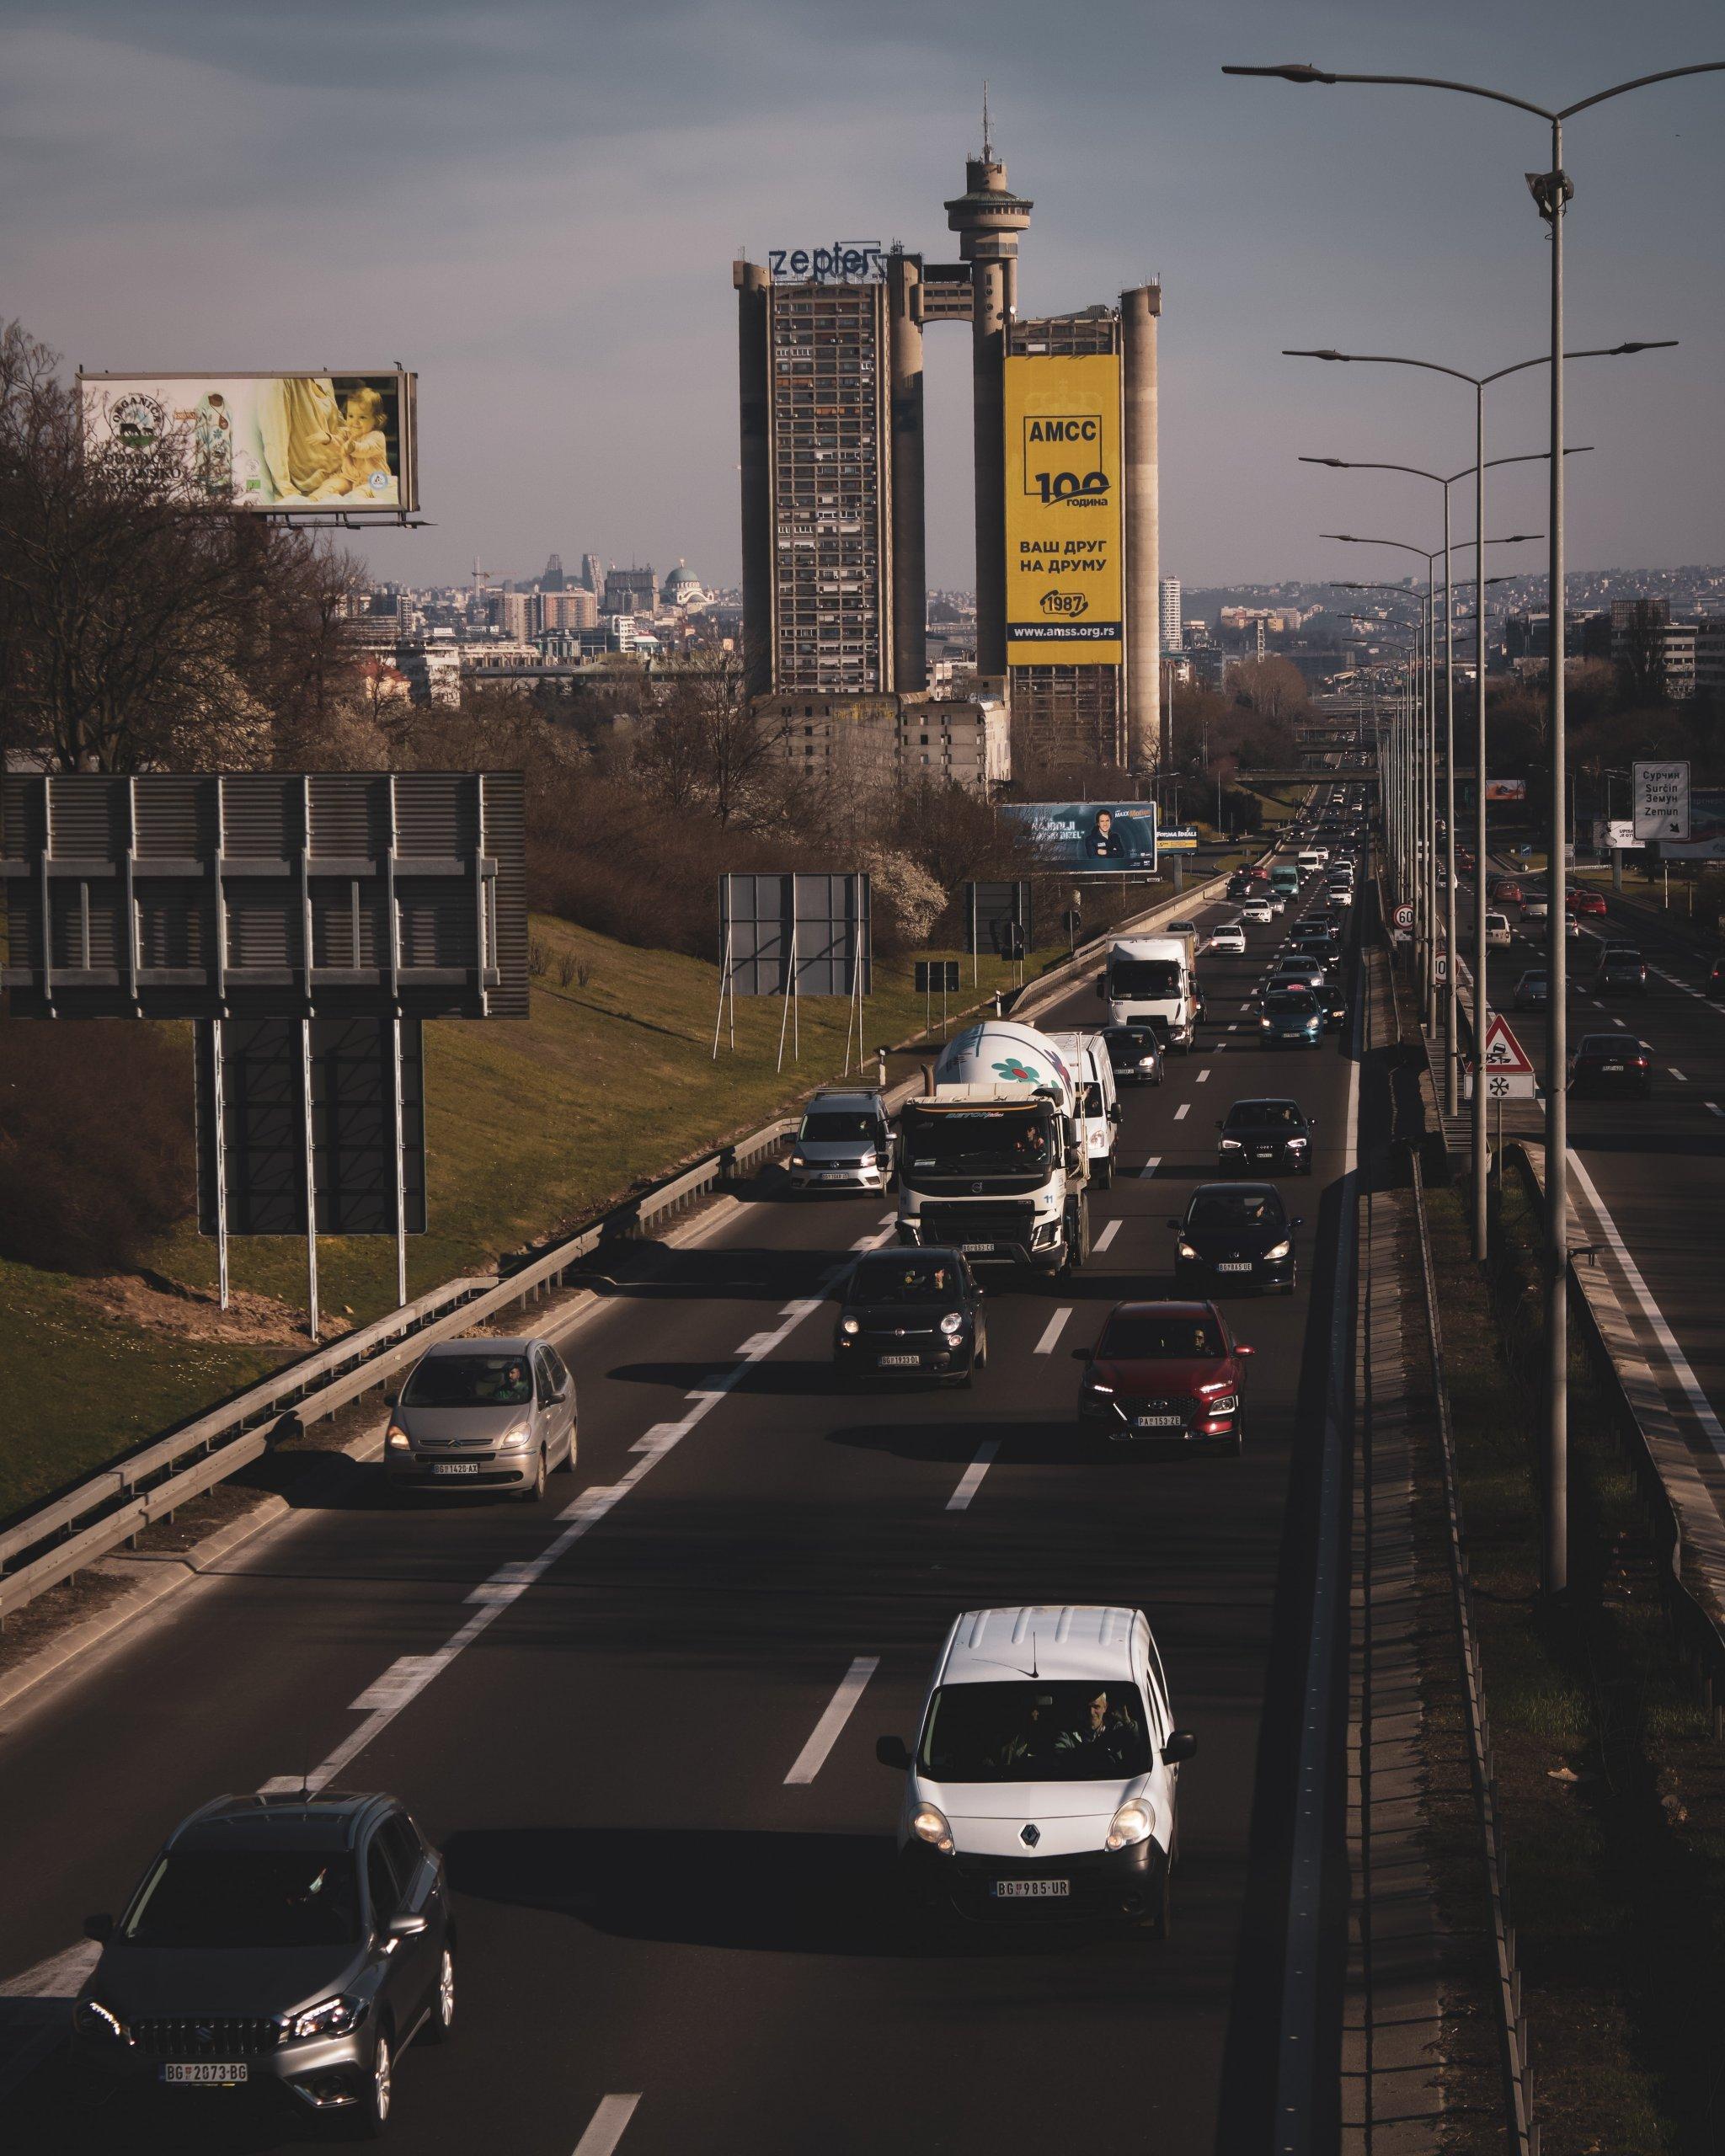 Oda brutalizmu: Stil koji je obilježio Jugoslaviju od 50-ih do 80-ih